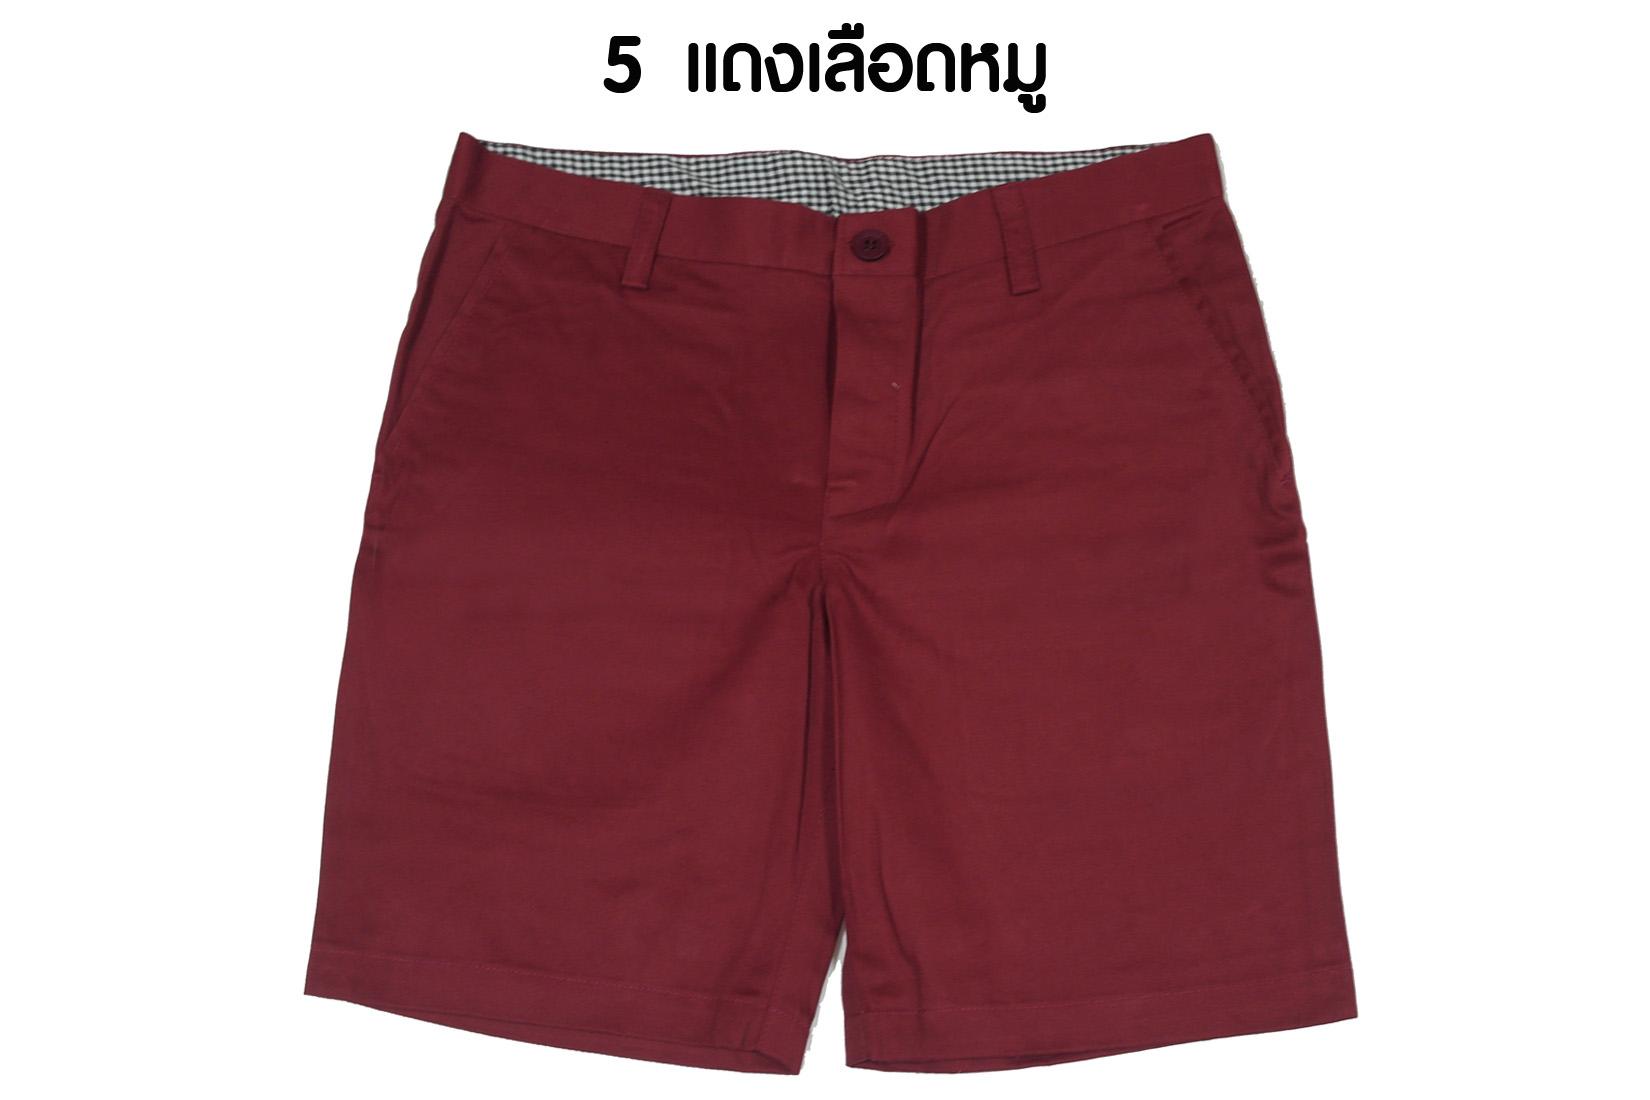 กางเกงขาสั้น รุ่น 505 (สีแดงเลือดหมู)